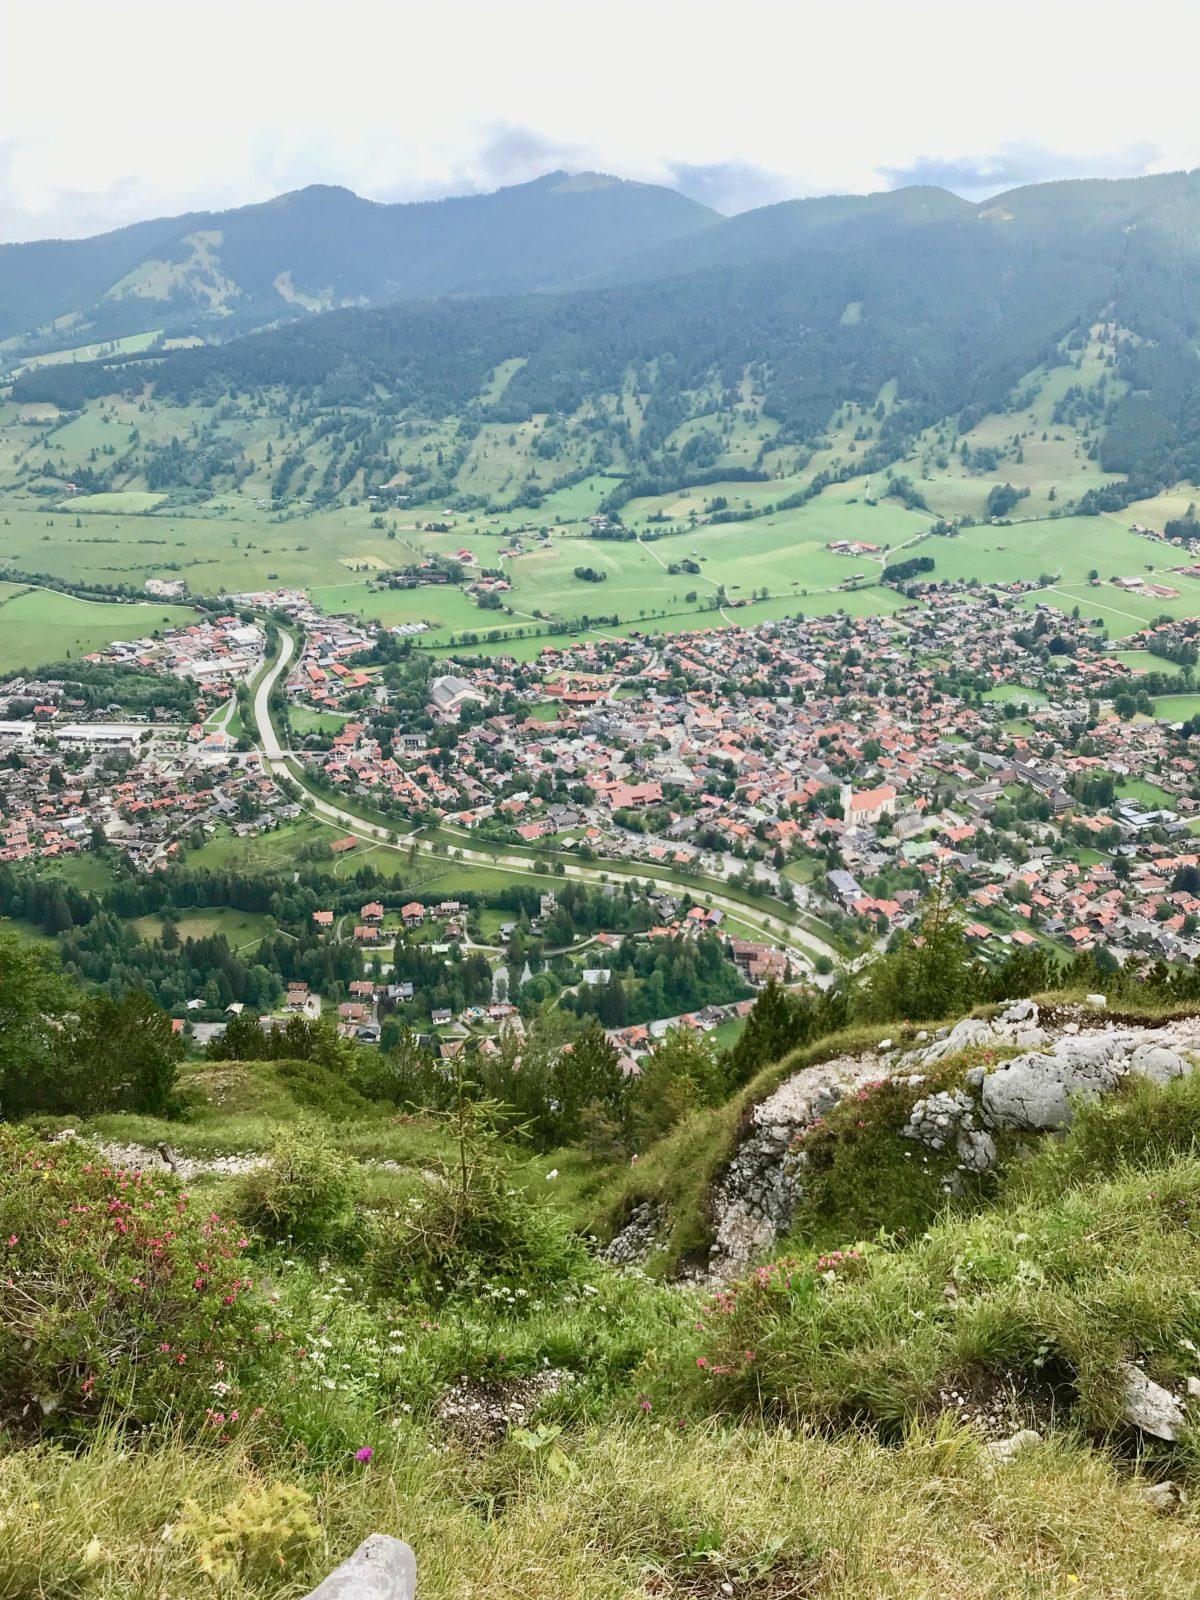 Ziel in Sicht: Oberammergau vom Gipfel des Kofel